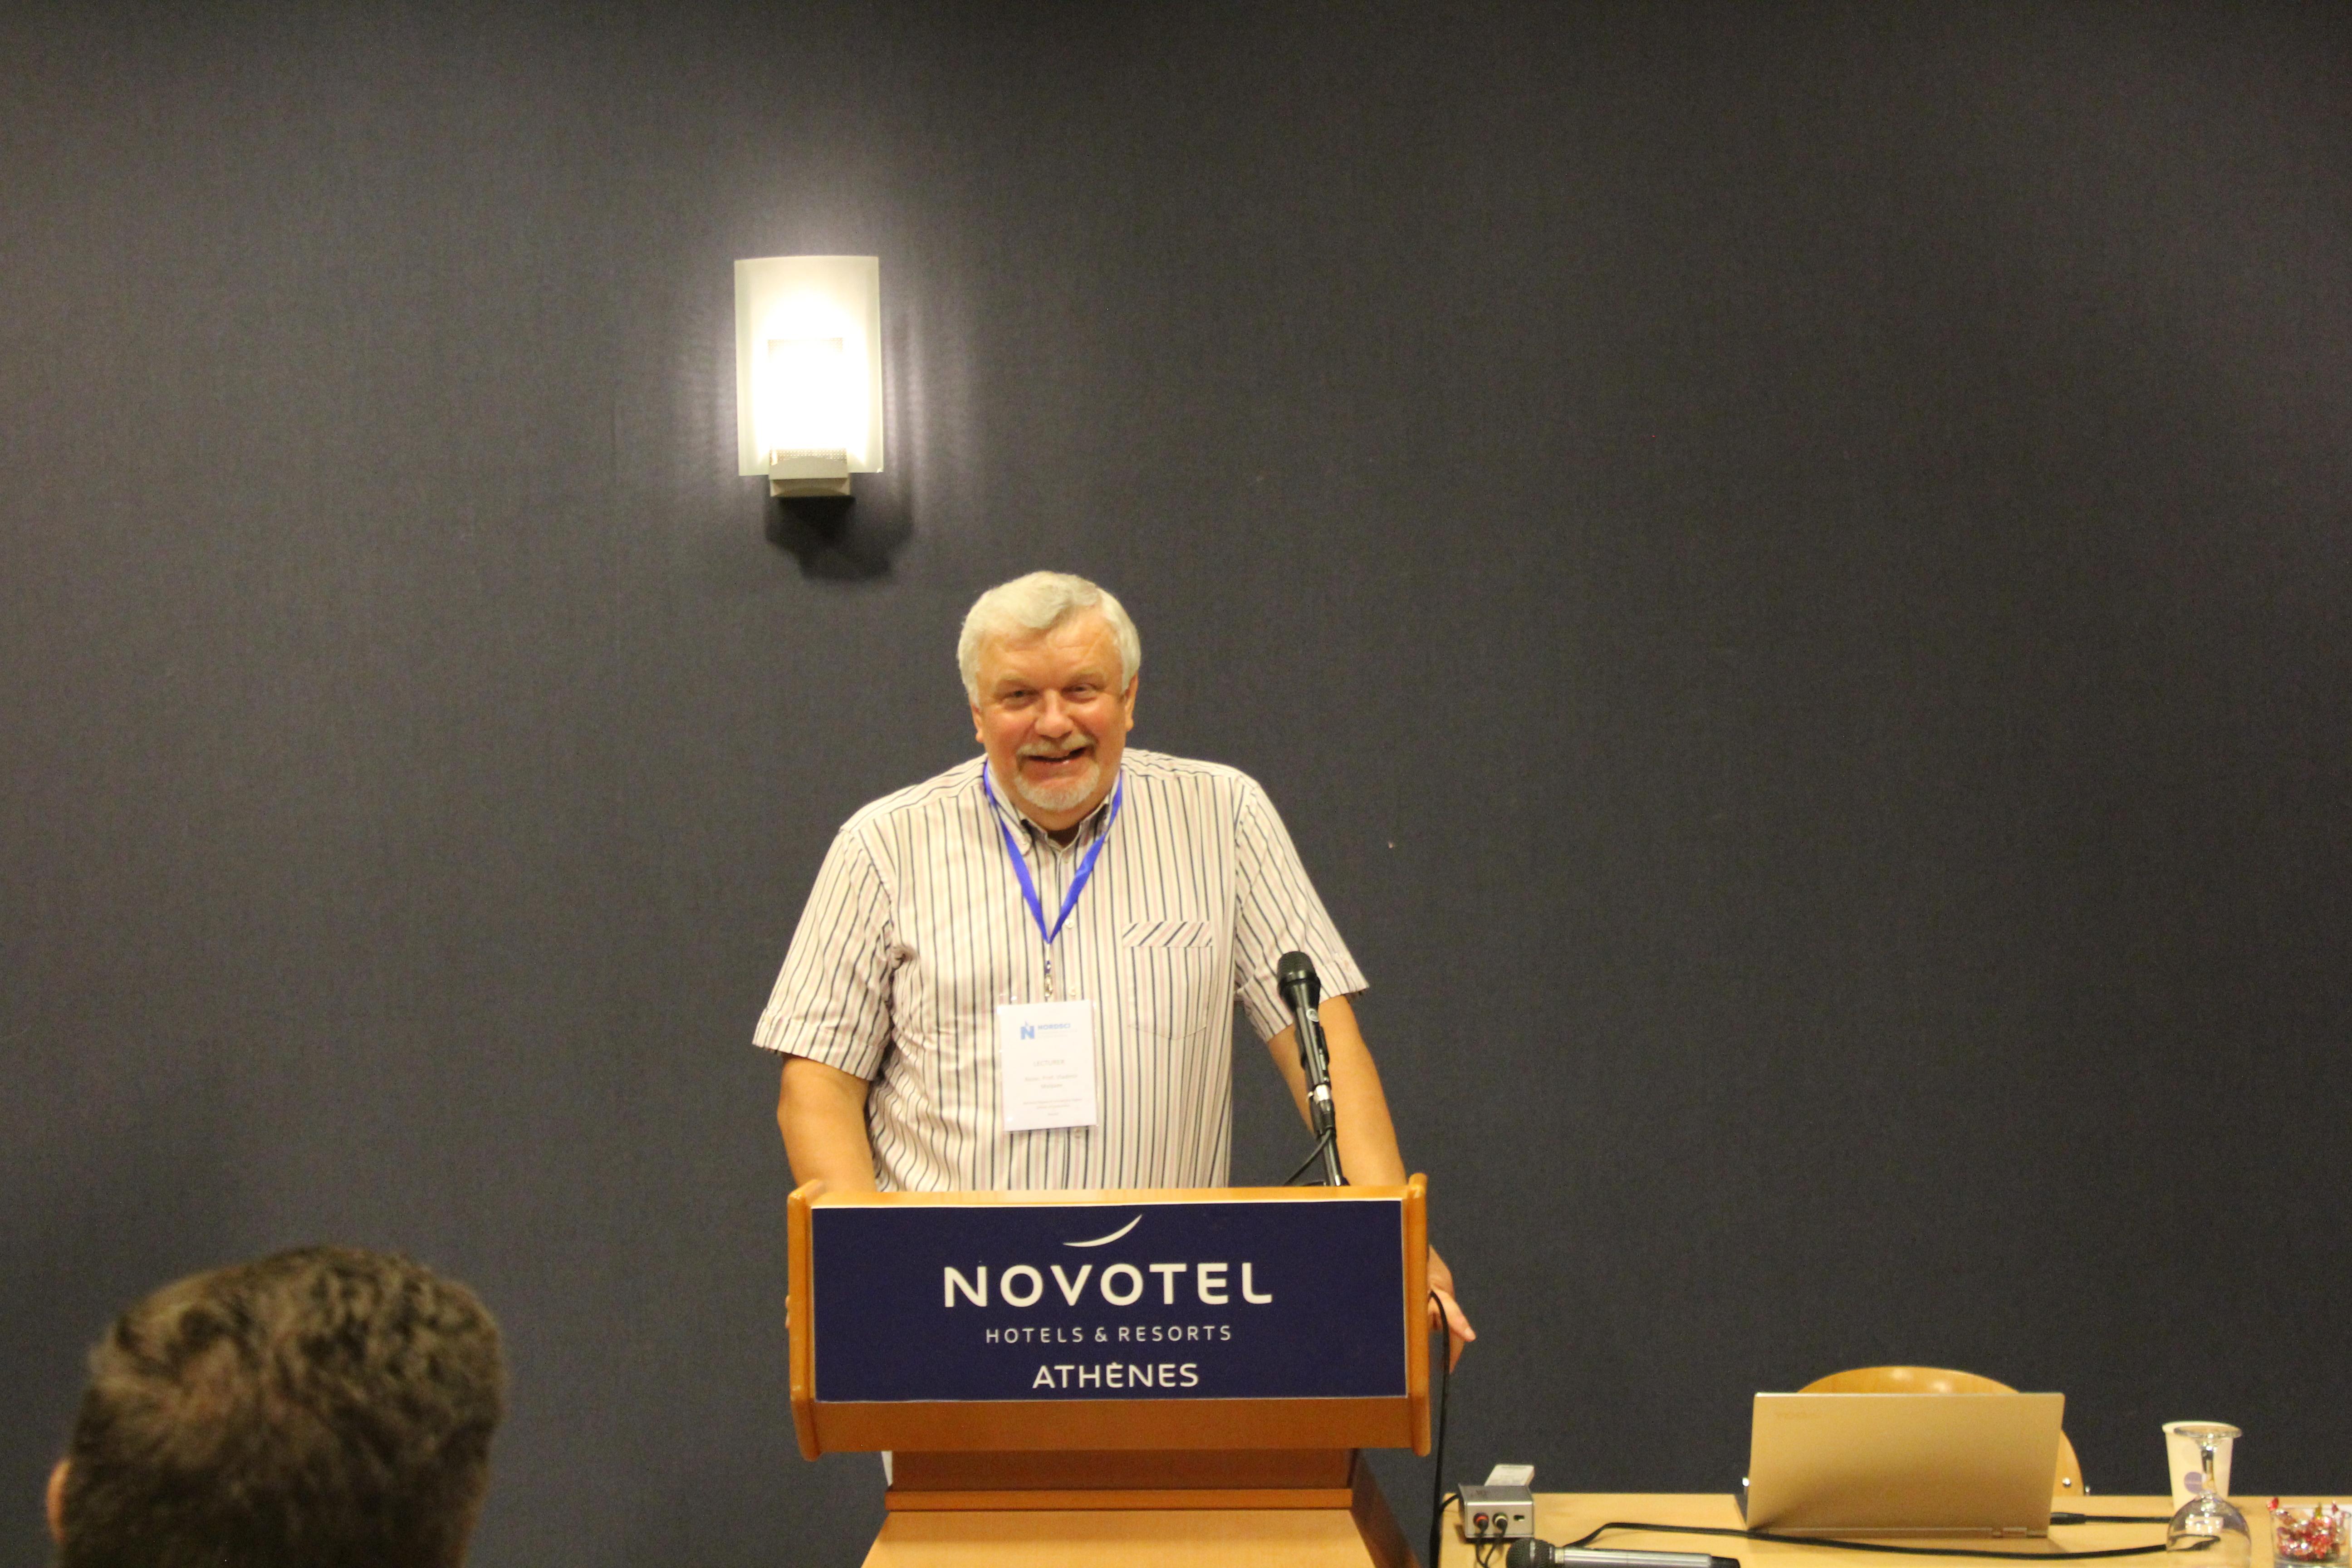 Assoc. Prof. Vladimir Malyaev